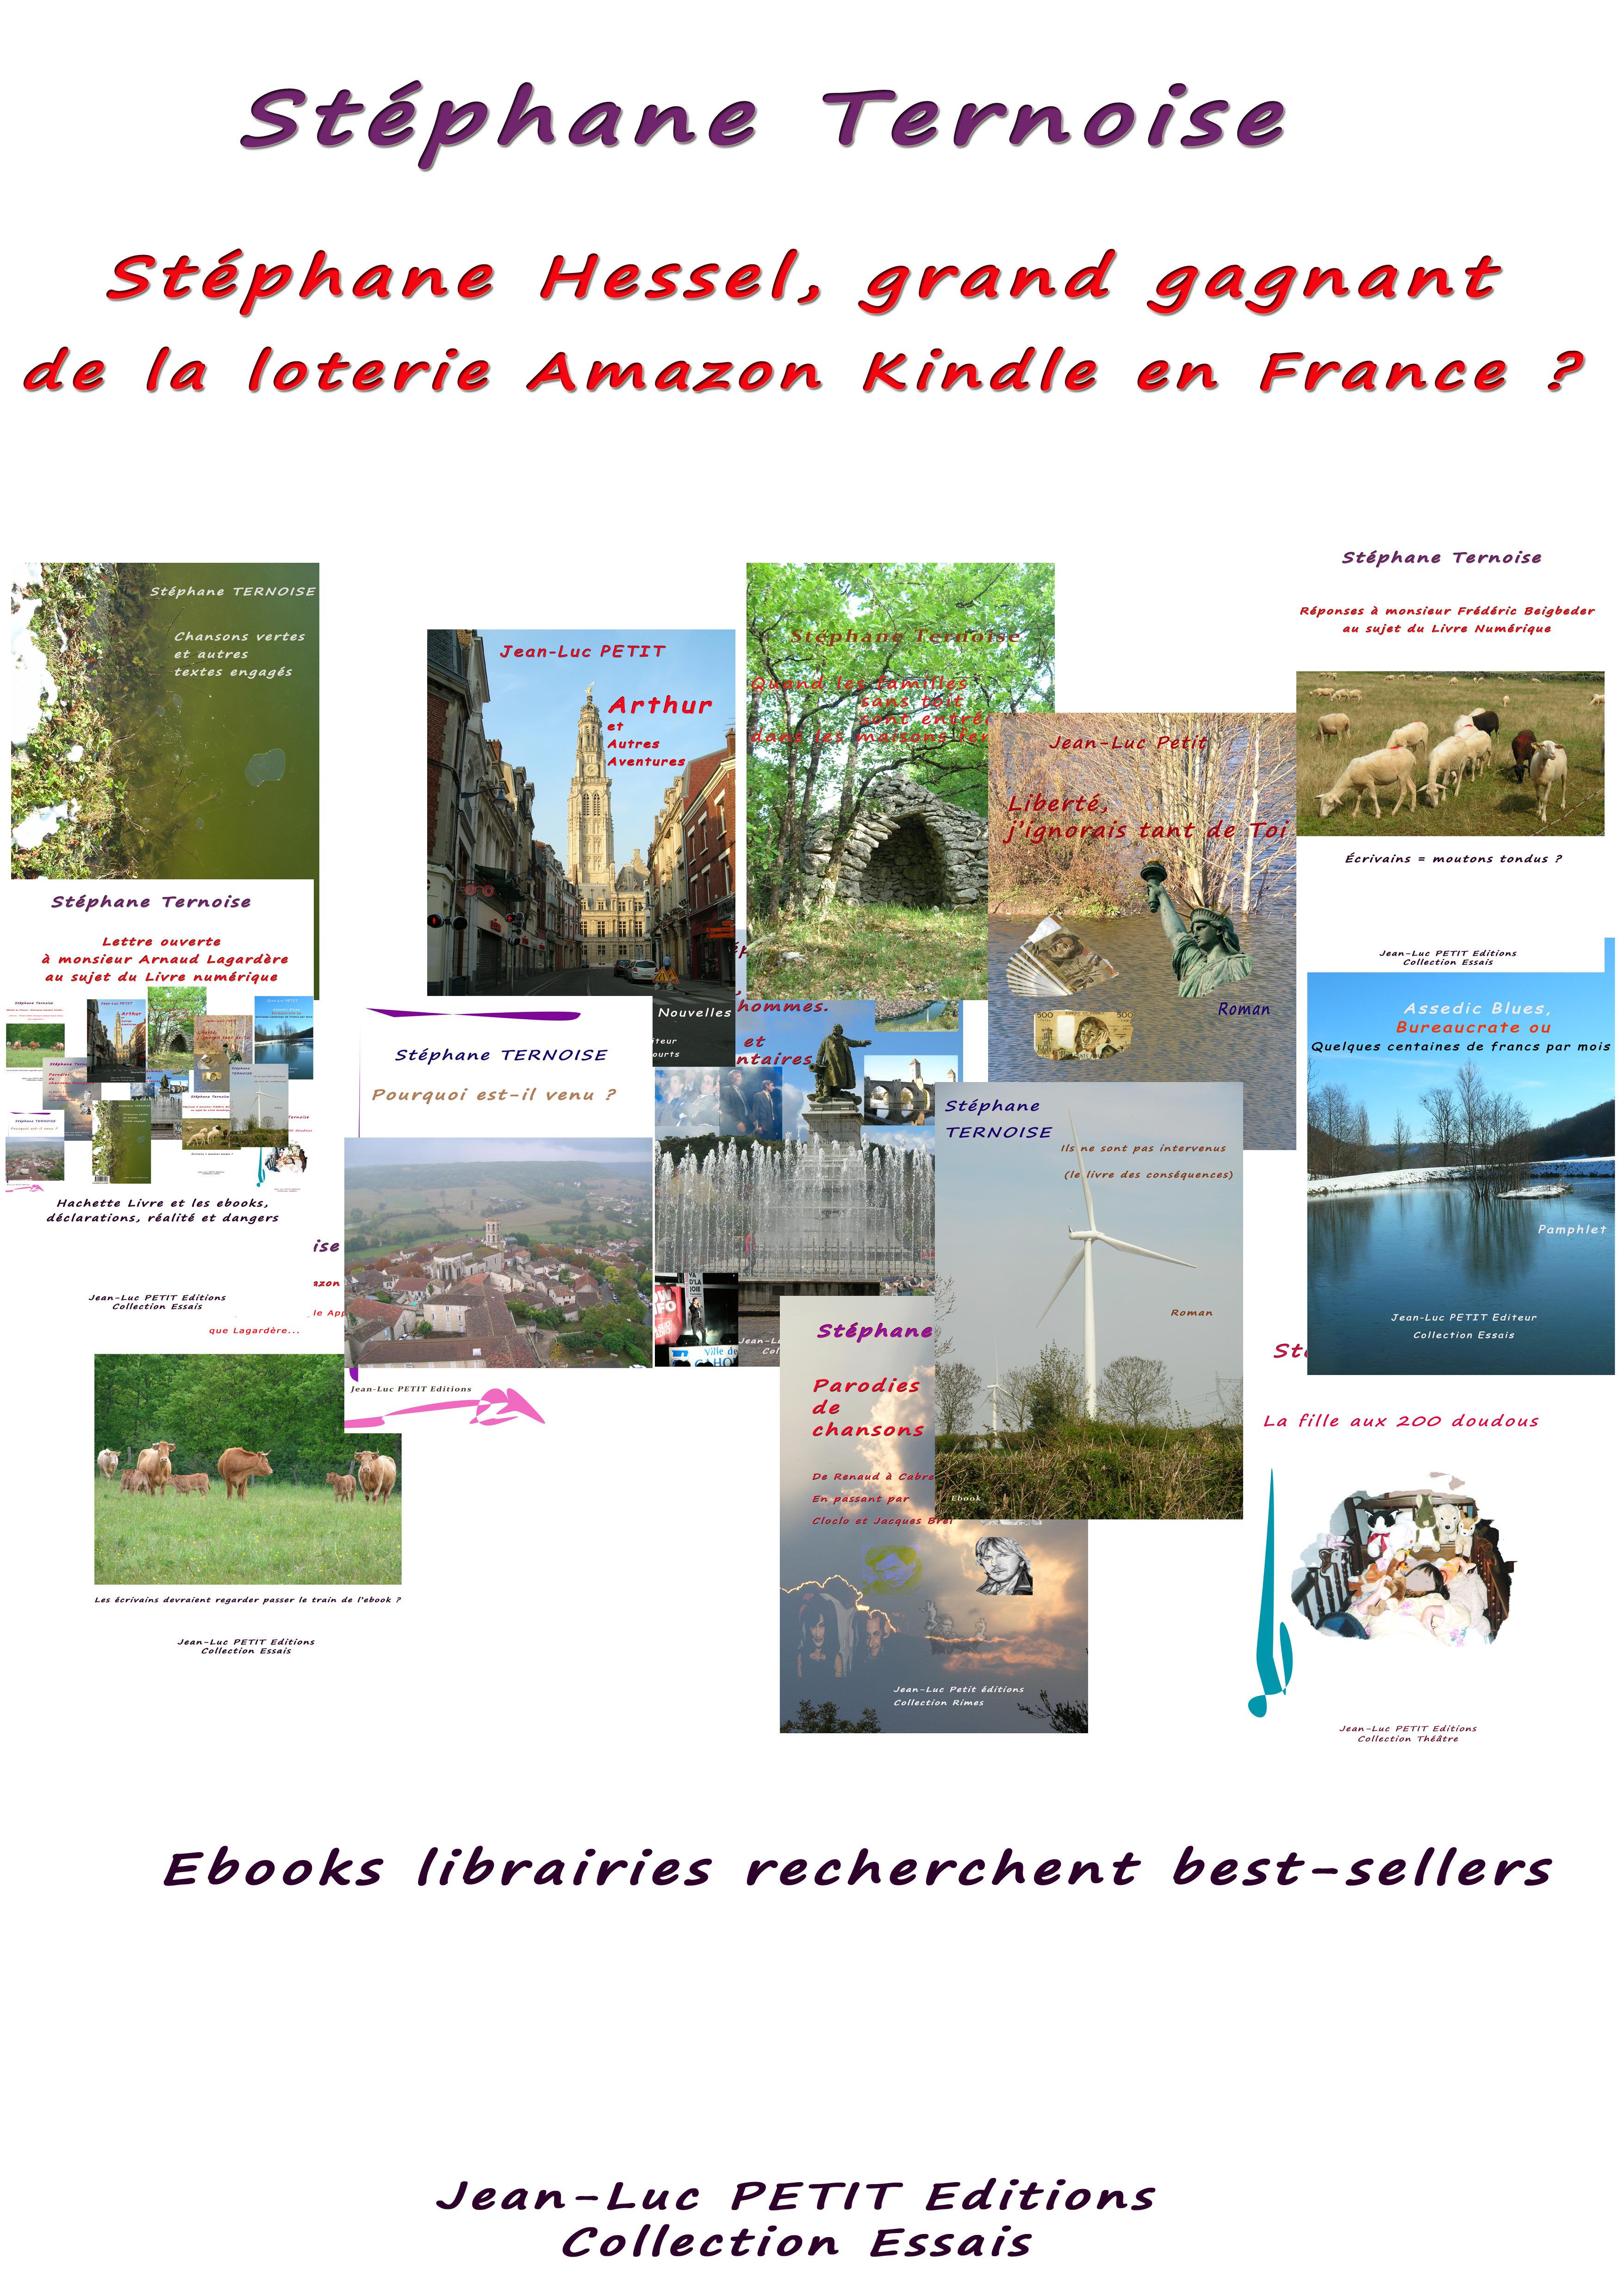 Stéphane Hessel, grand gagnant de la loterie Amazon Kindle en France ?